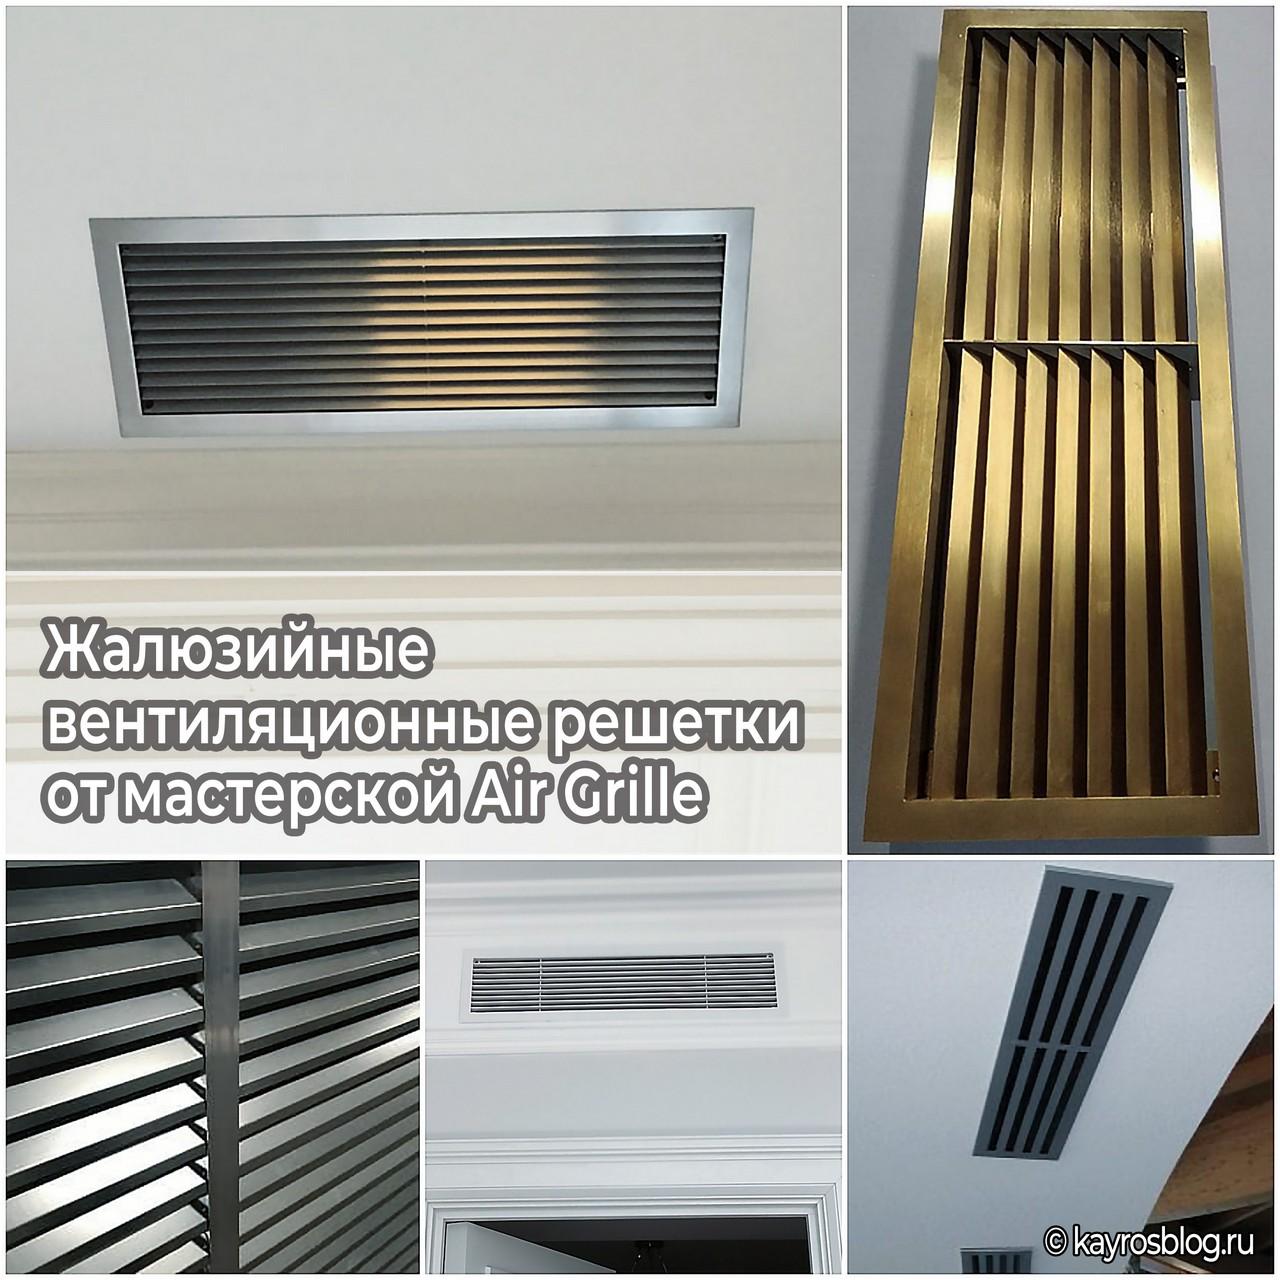 Жалюзийные вентиляционные решетки от мастерской Air Grille